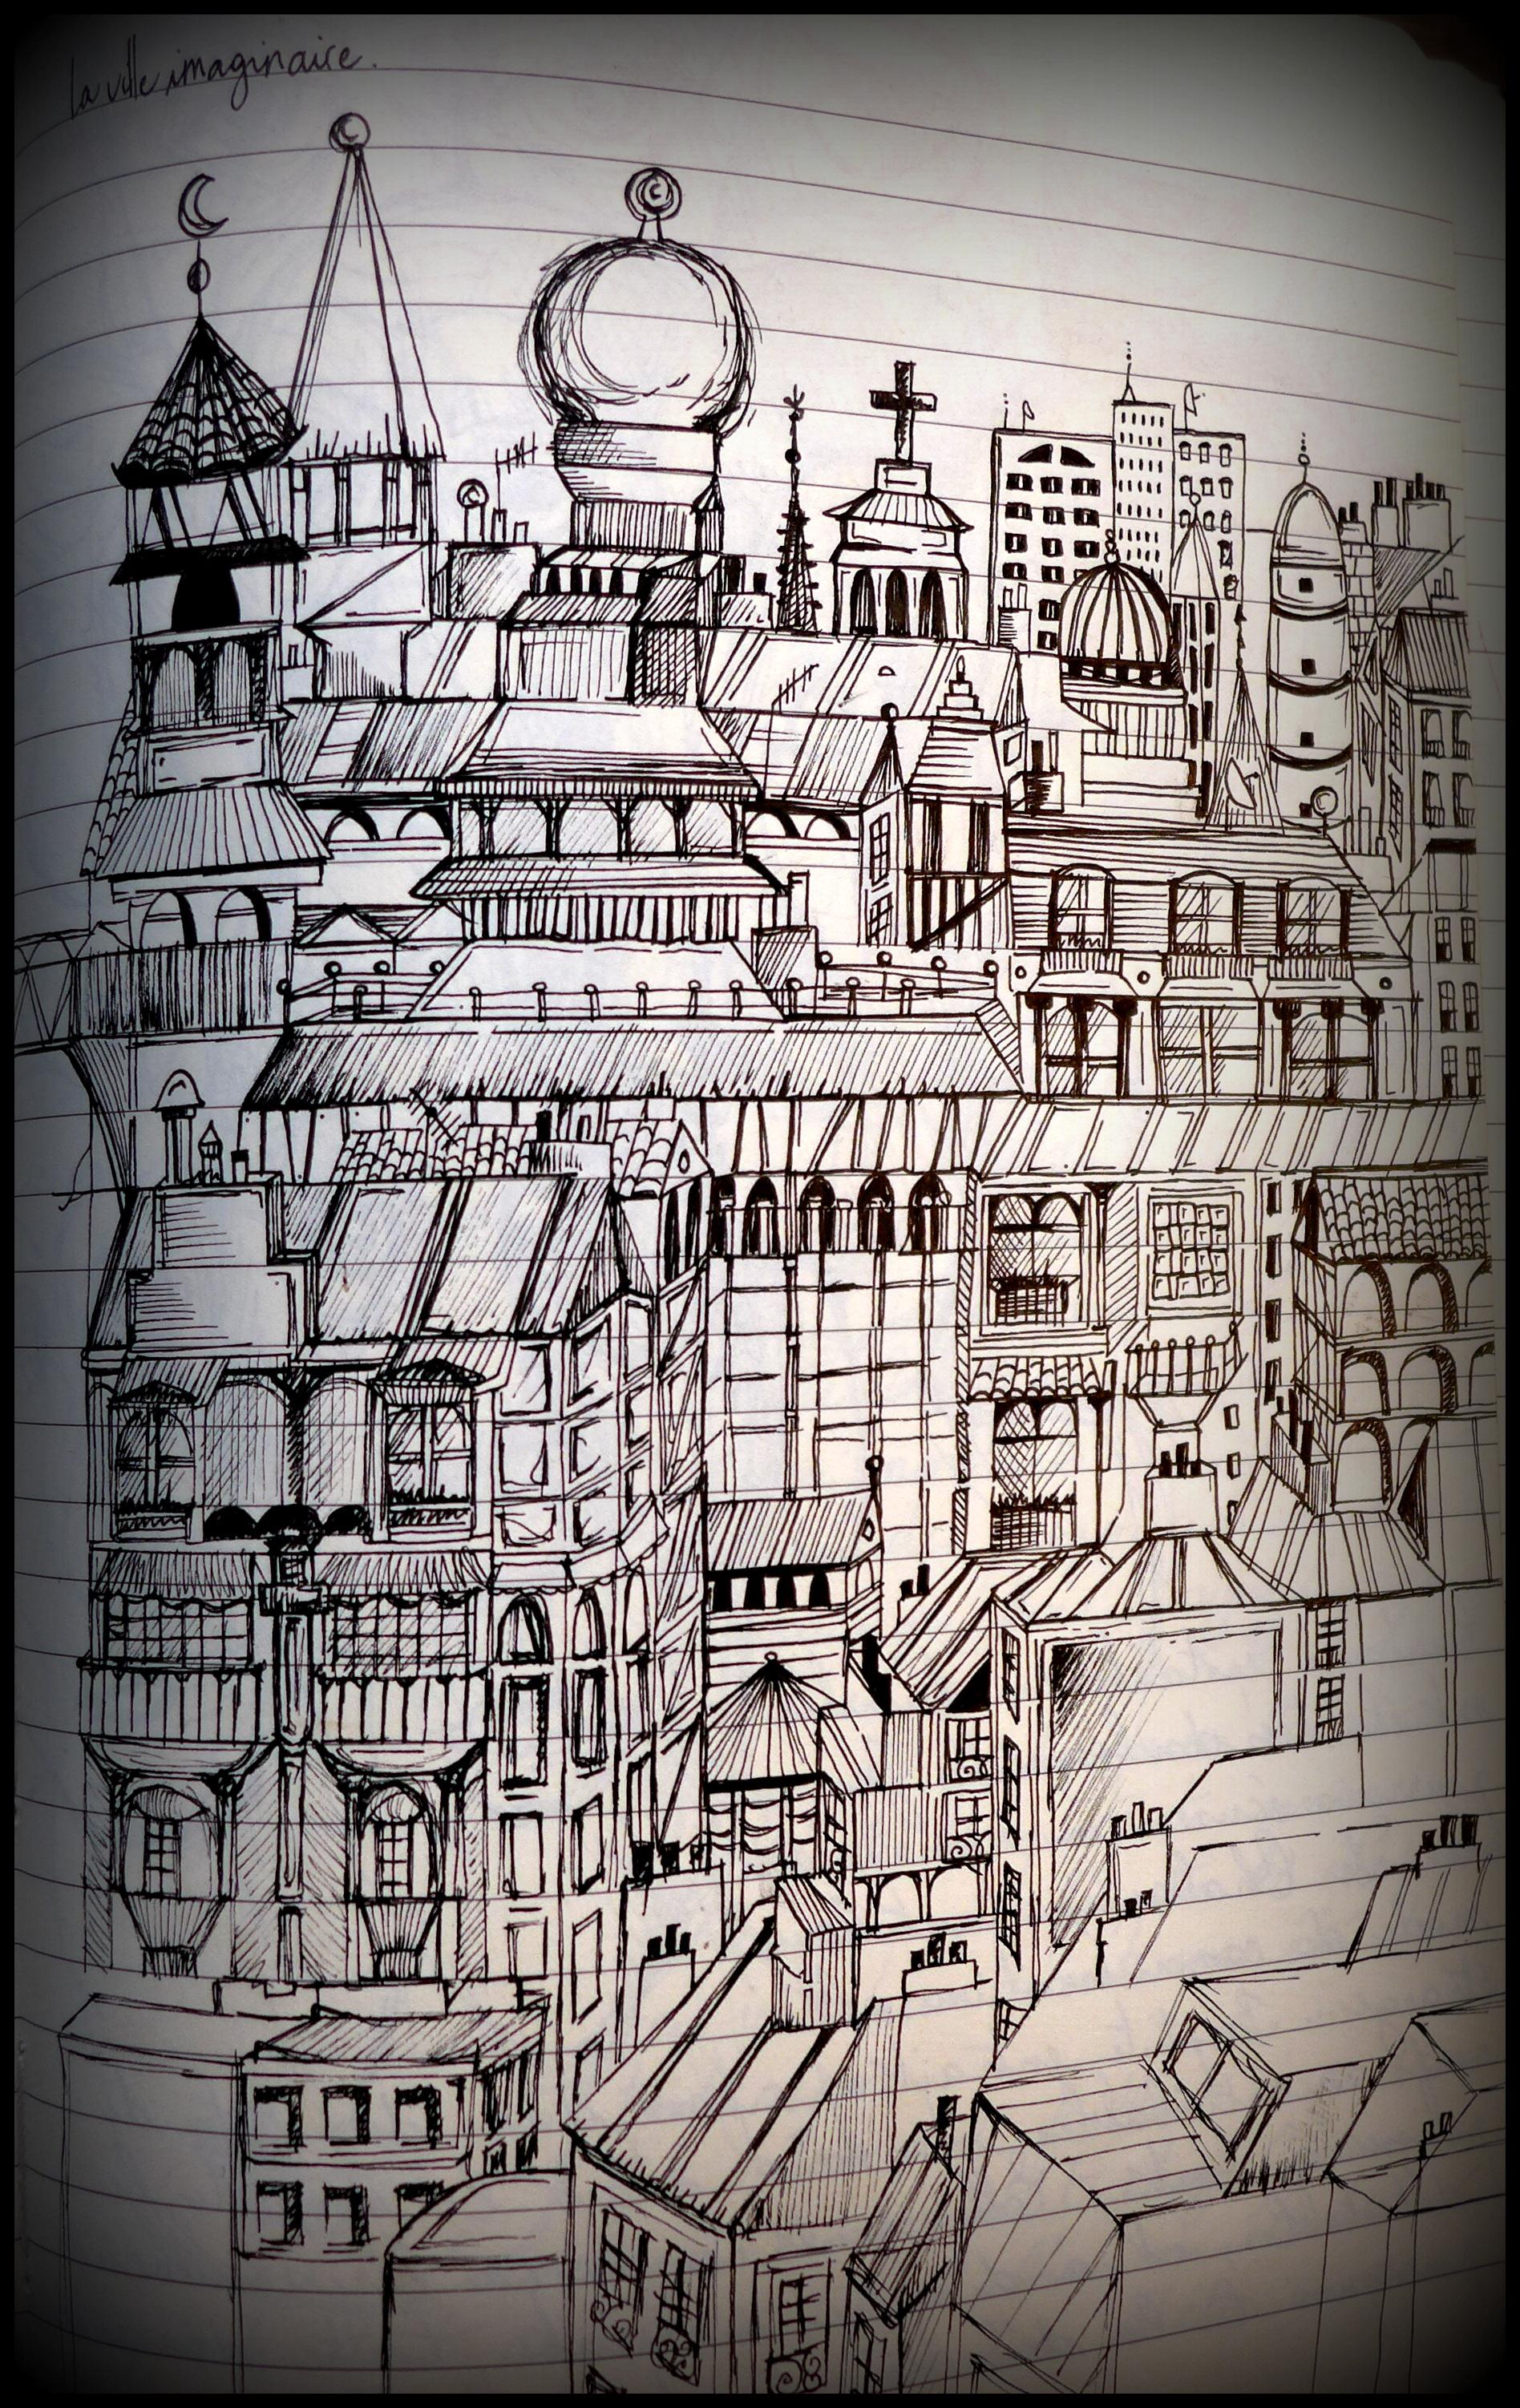 La ville inventée